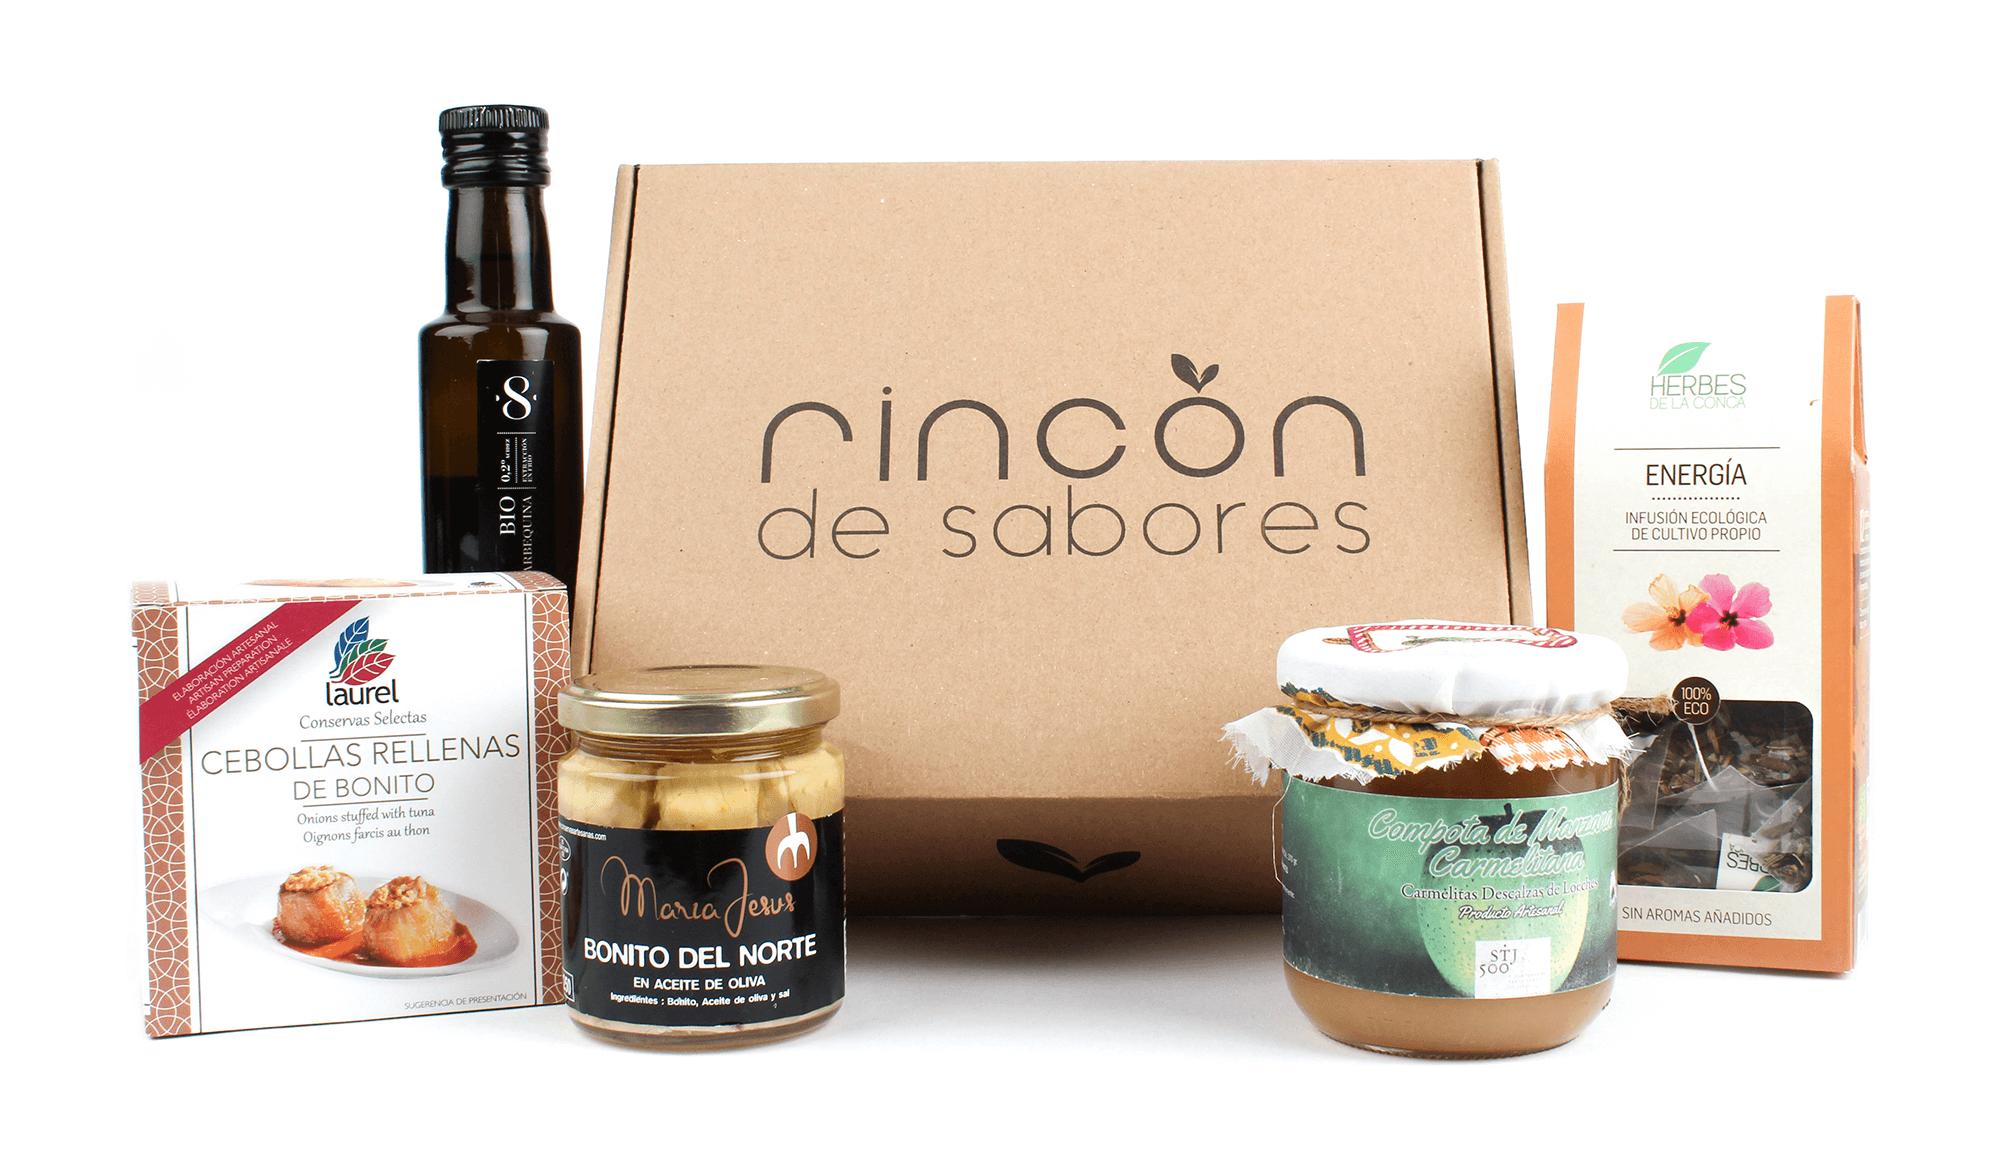 Rincón de Sabores envía delicatessen en cajas postales